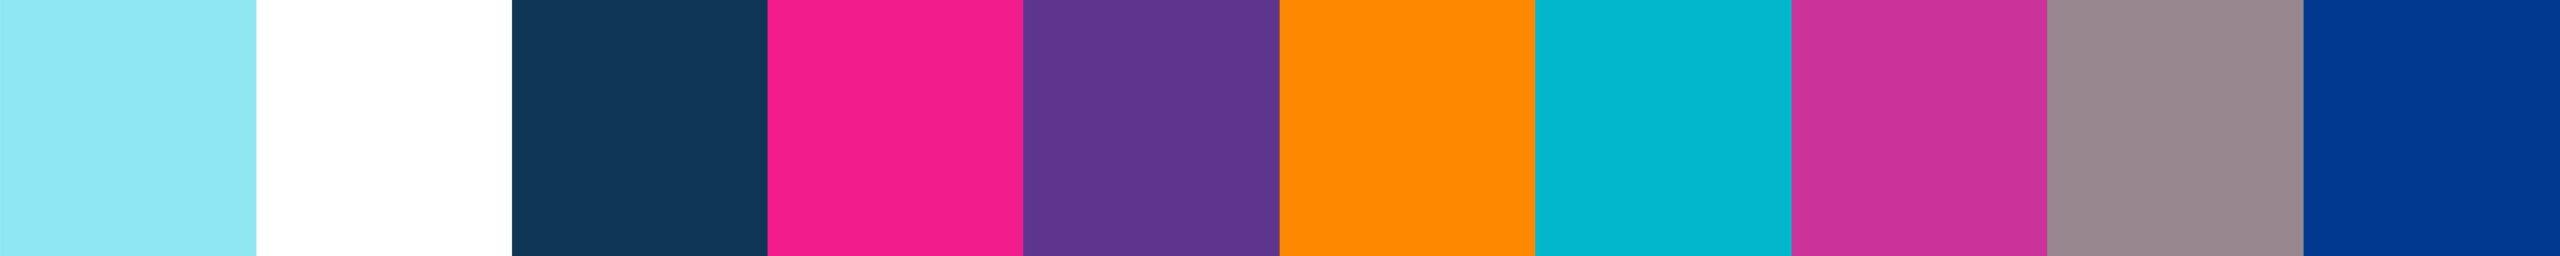 800 Mirafilia Color Palette